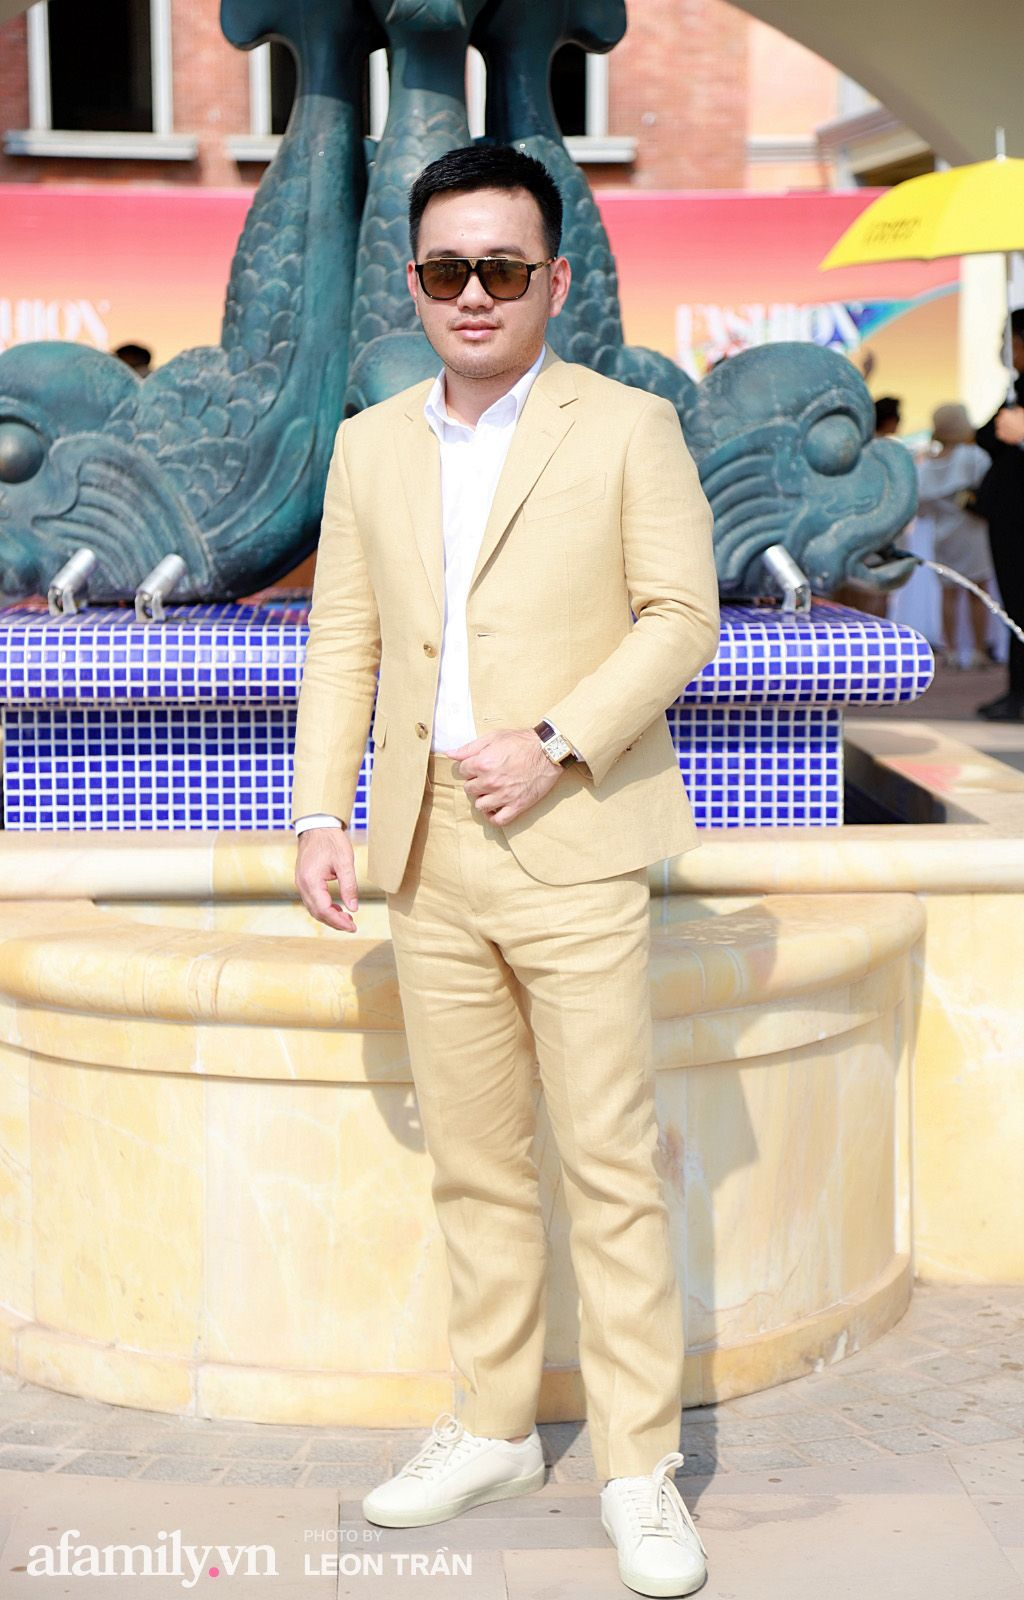 """Hoa hậu H'Hen Niê hay mẹ bỉm sữa Đông Nhi táo bạo đến mấy cũng không thể """"hot"""" bằng màn khoe đường cong của Ngọc Trinh - Ảnh 18."""